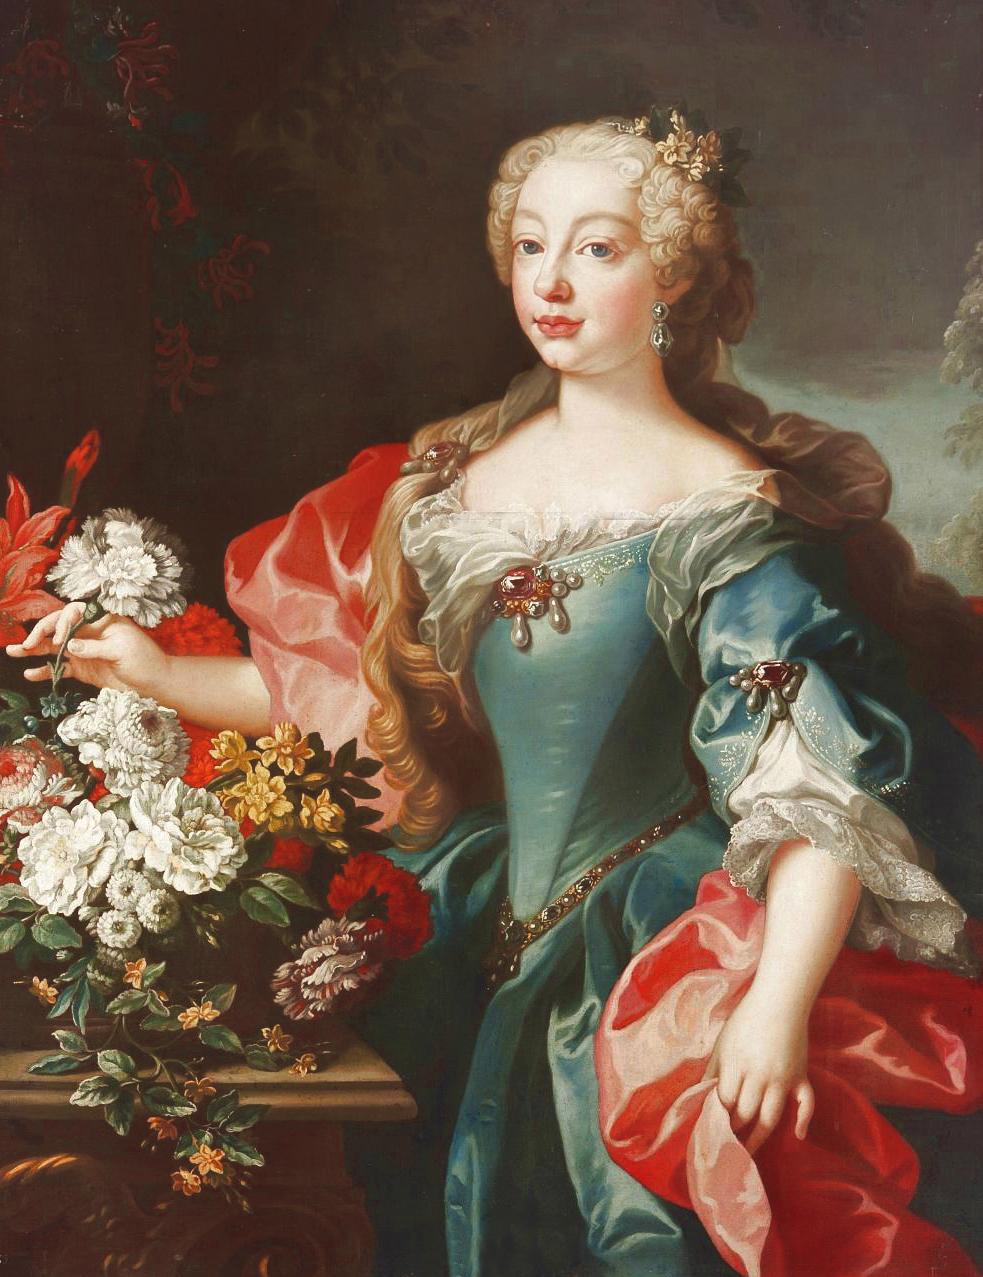 Mariana Victoria de Borbón y Farnesio, Reina consorte de Portugal.jpg